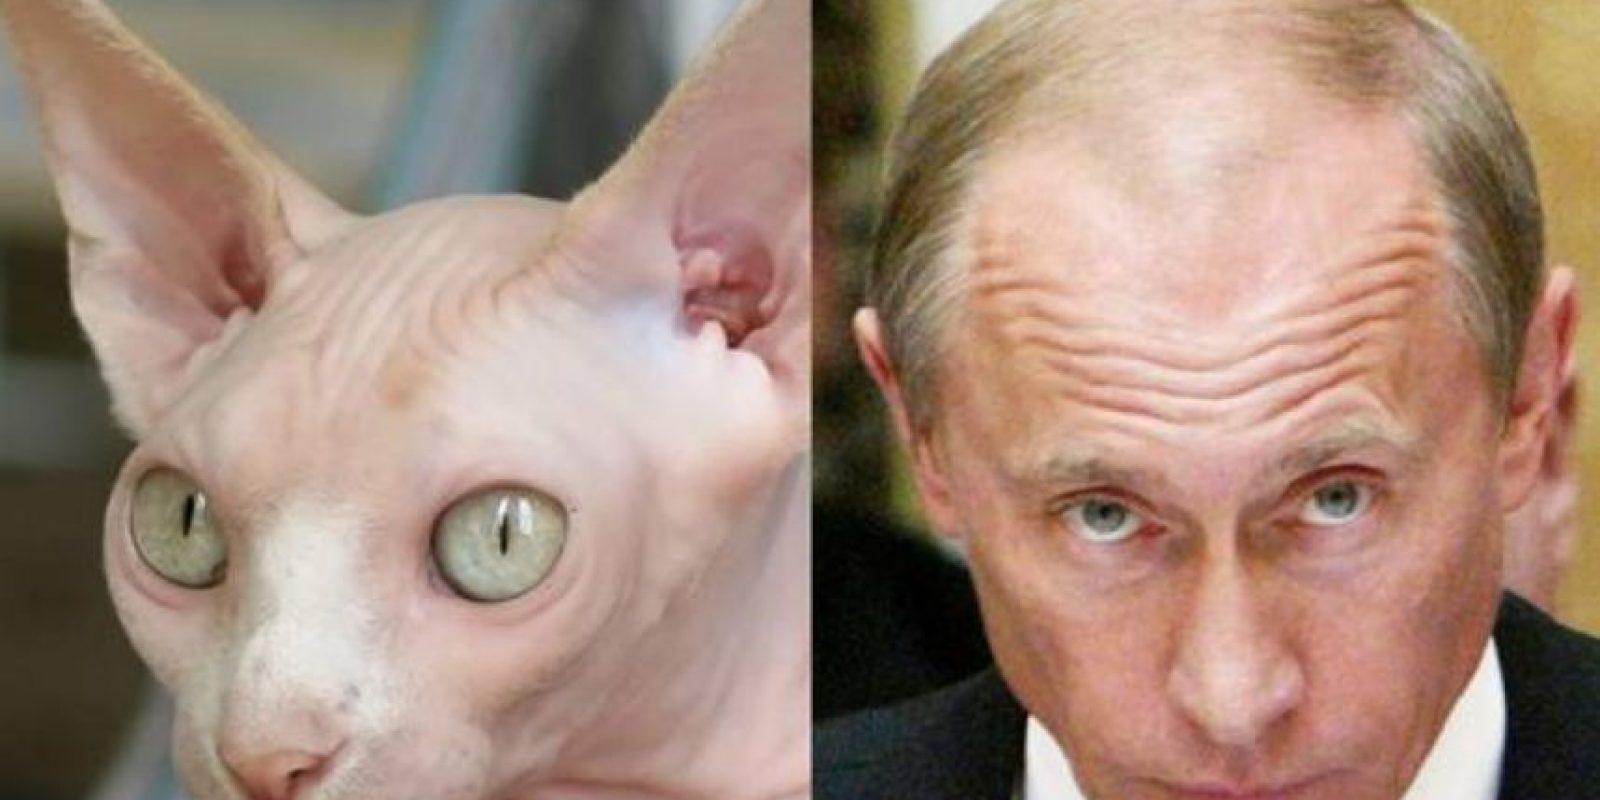 Él no está disfrazado, pero tampoco necesita estarlo para parecerse al mandatario de Rusia, Vladímir Putin. Foto:Tumblr